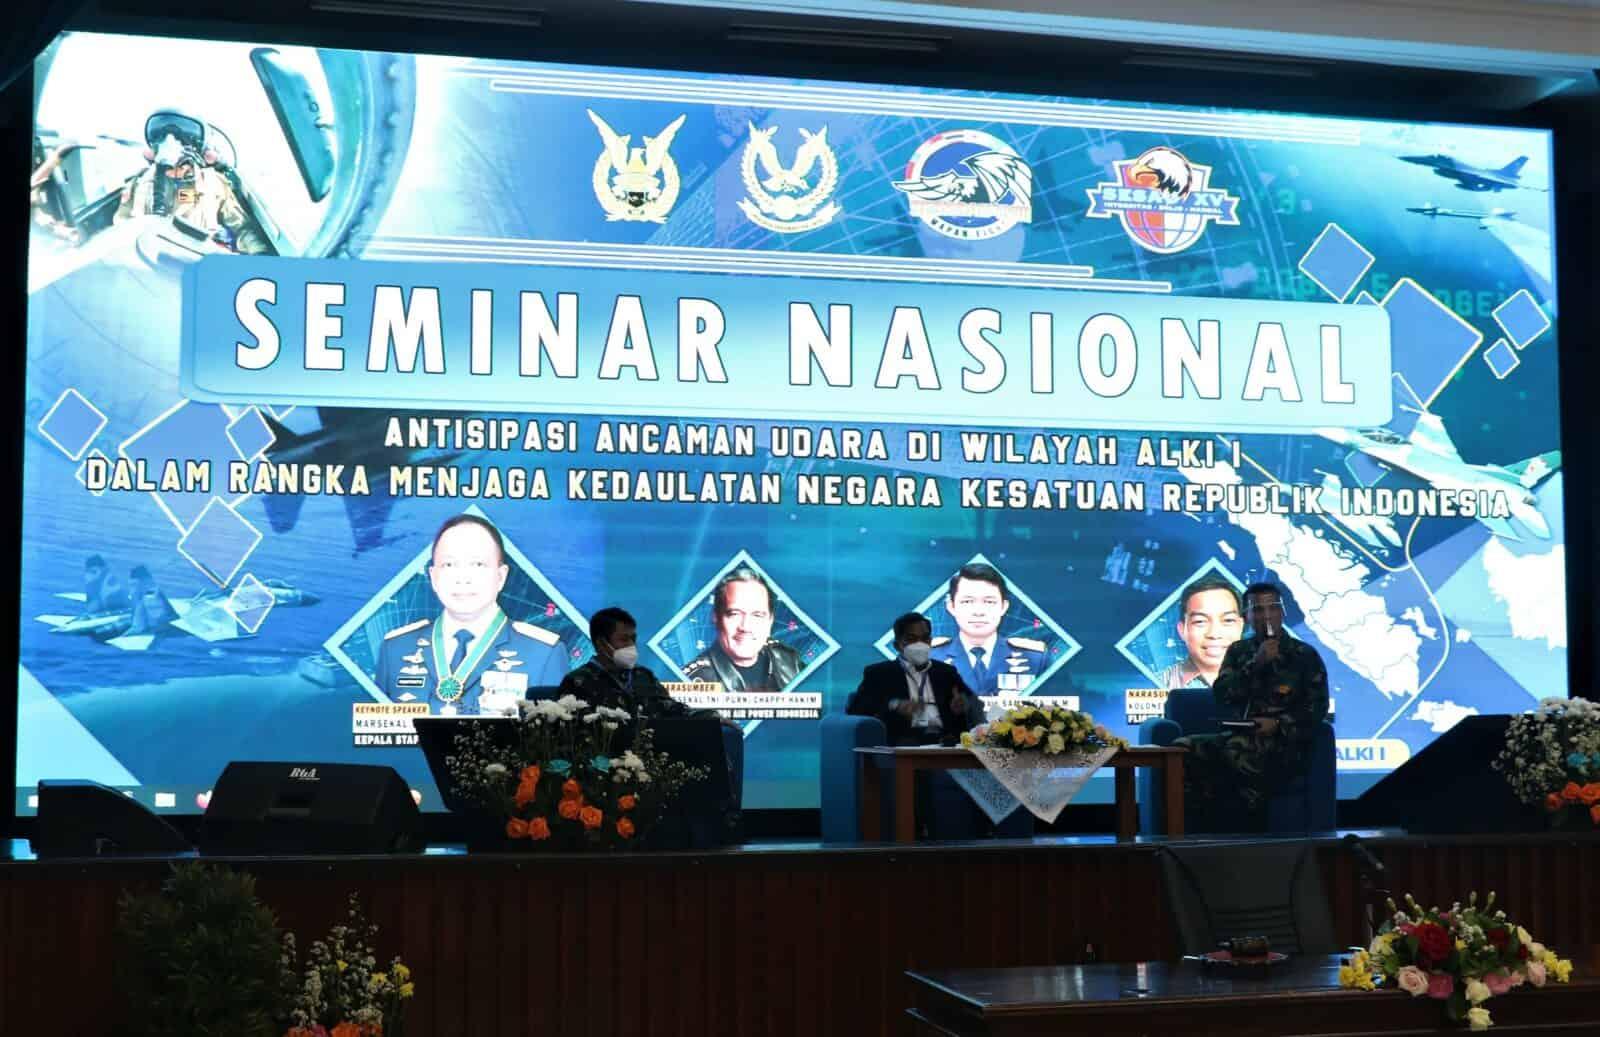 Bahas ALKI I, Seskoau Selenggarakan Seminar Nasional